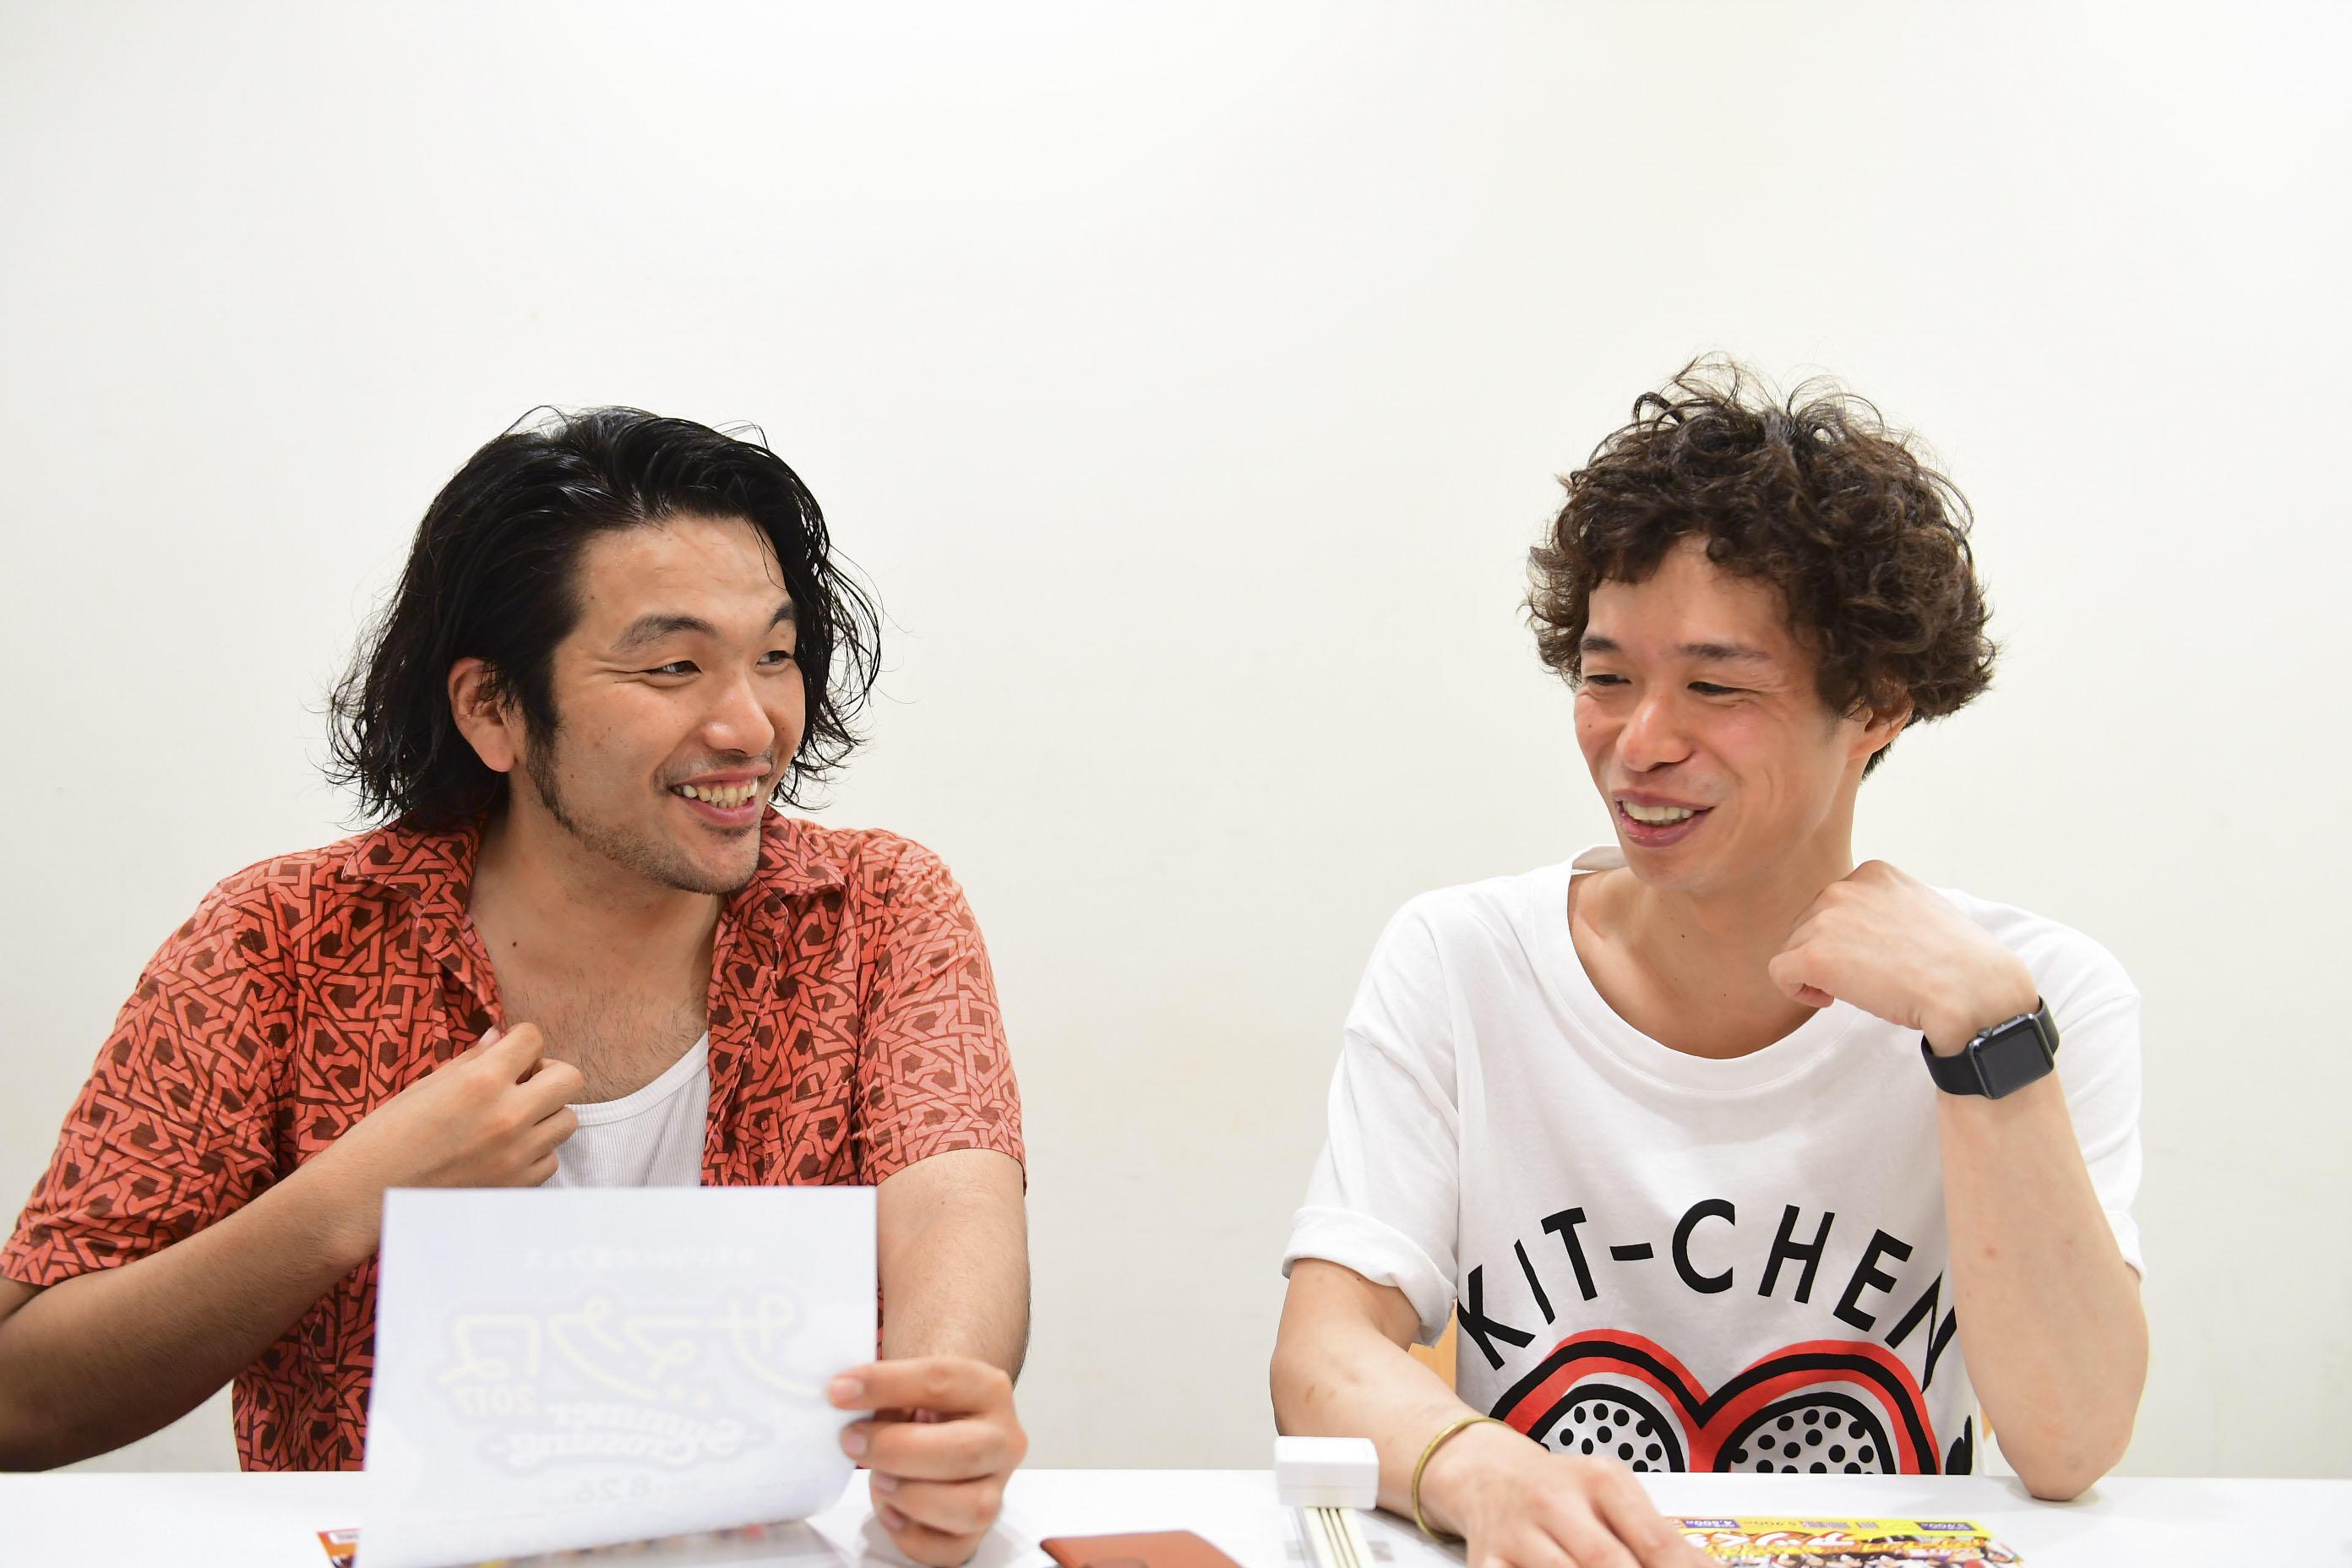 http://news.yoshimoto.co.jp/20170805095751-c9986bac3788d09e28d2d8ebbb1ed35415b94db2.jpg